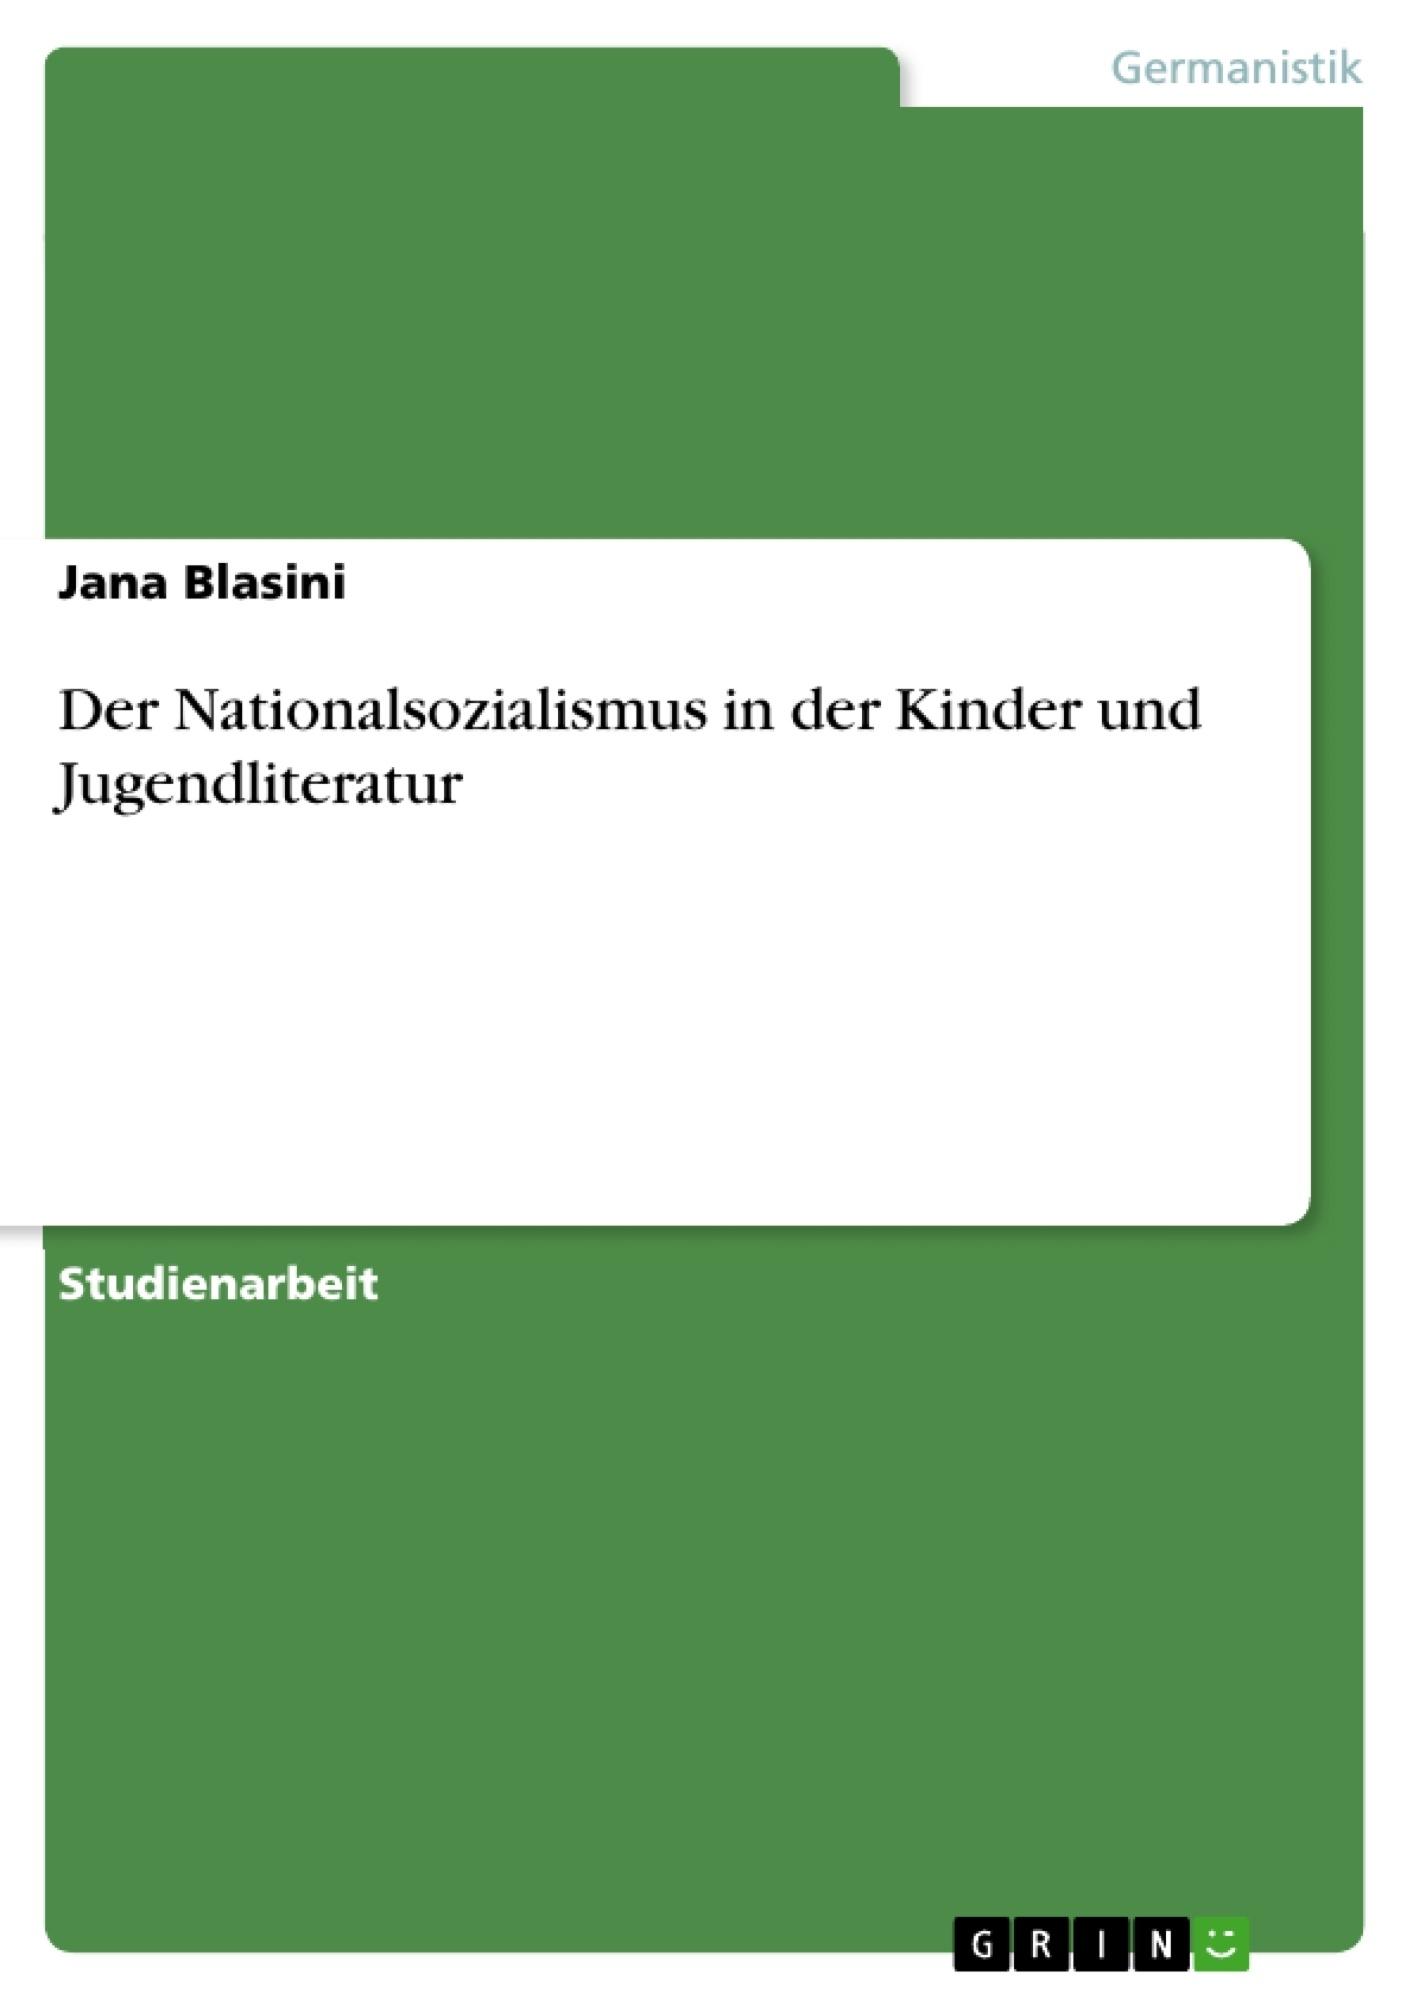 Titel: Der Nationalsozialismus in der Kinder und Jugendliteratur